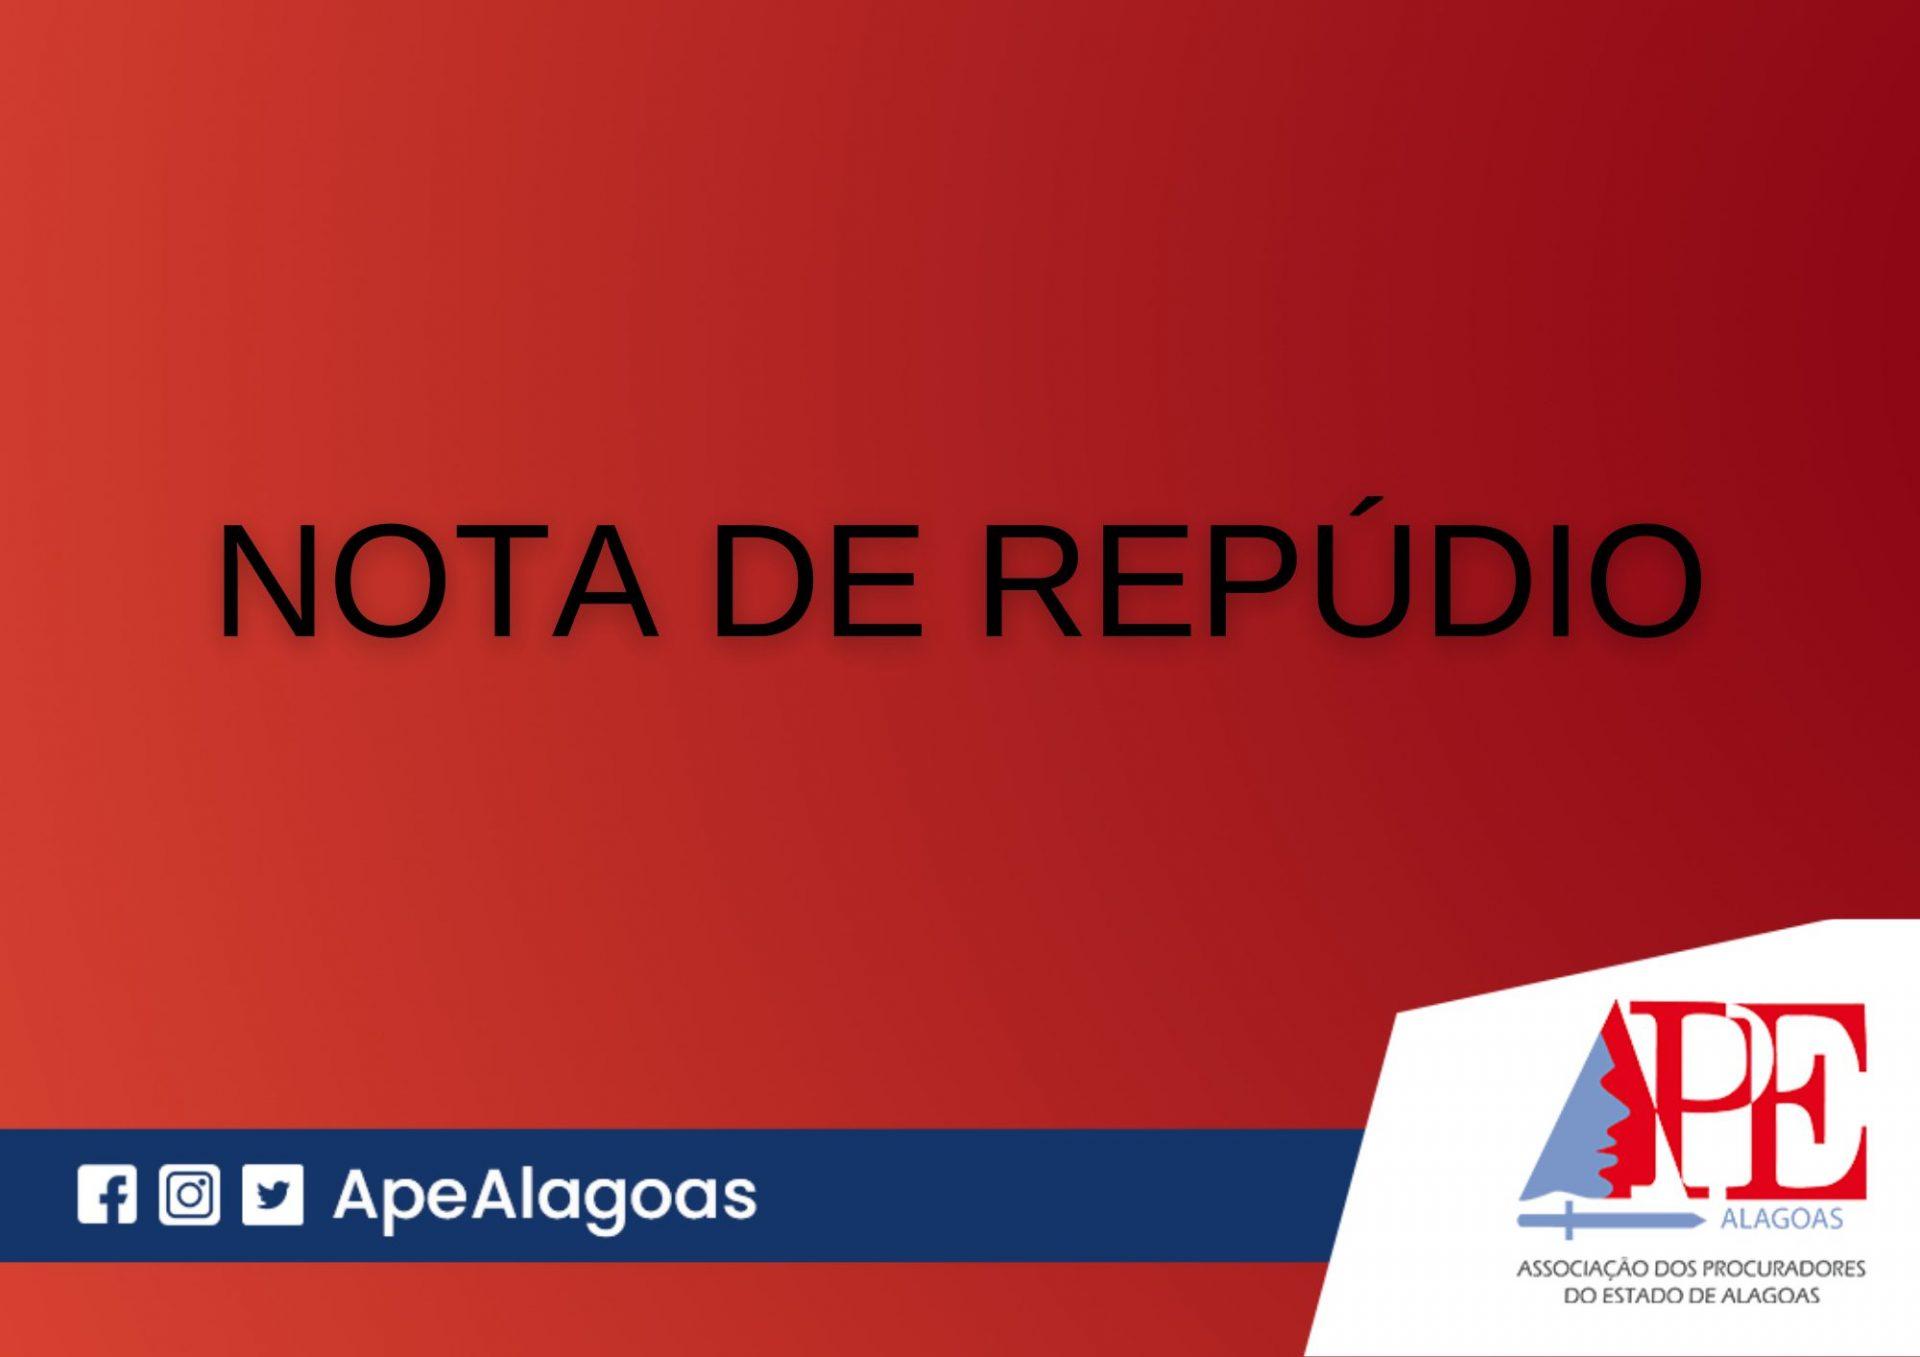 Nota de Repúdio – A APE-AL repudia a forma sensacionalista como foi tratada a disputa judicial pela guarda do filho do Procurador do Estado de Alagoas, dr. Aluisio Lundgren Correa Regis.